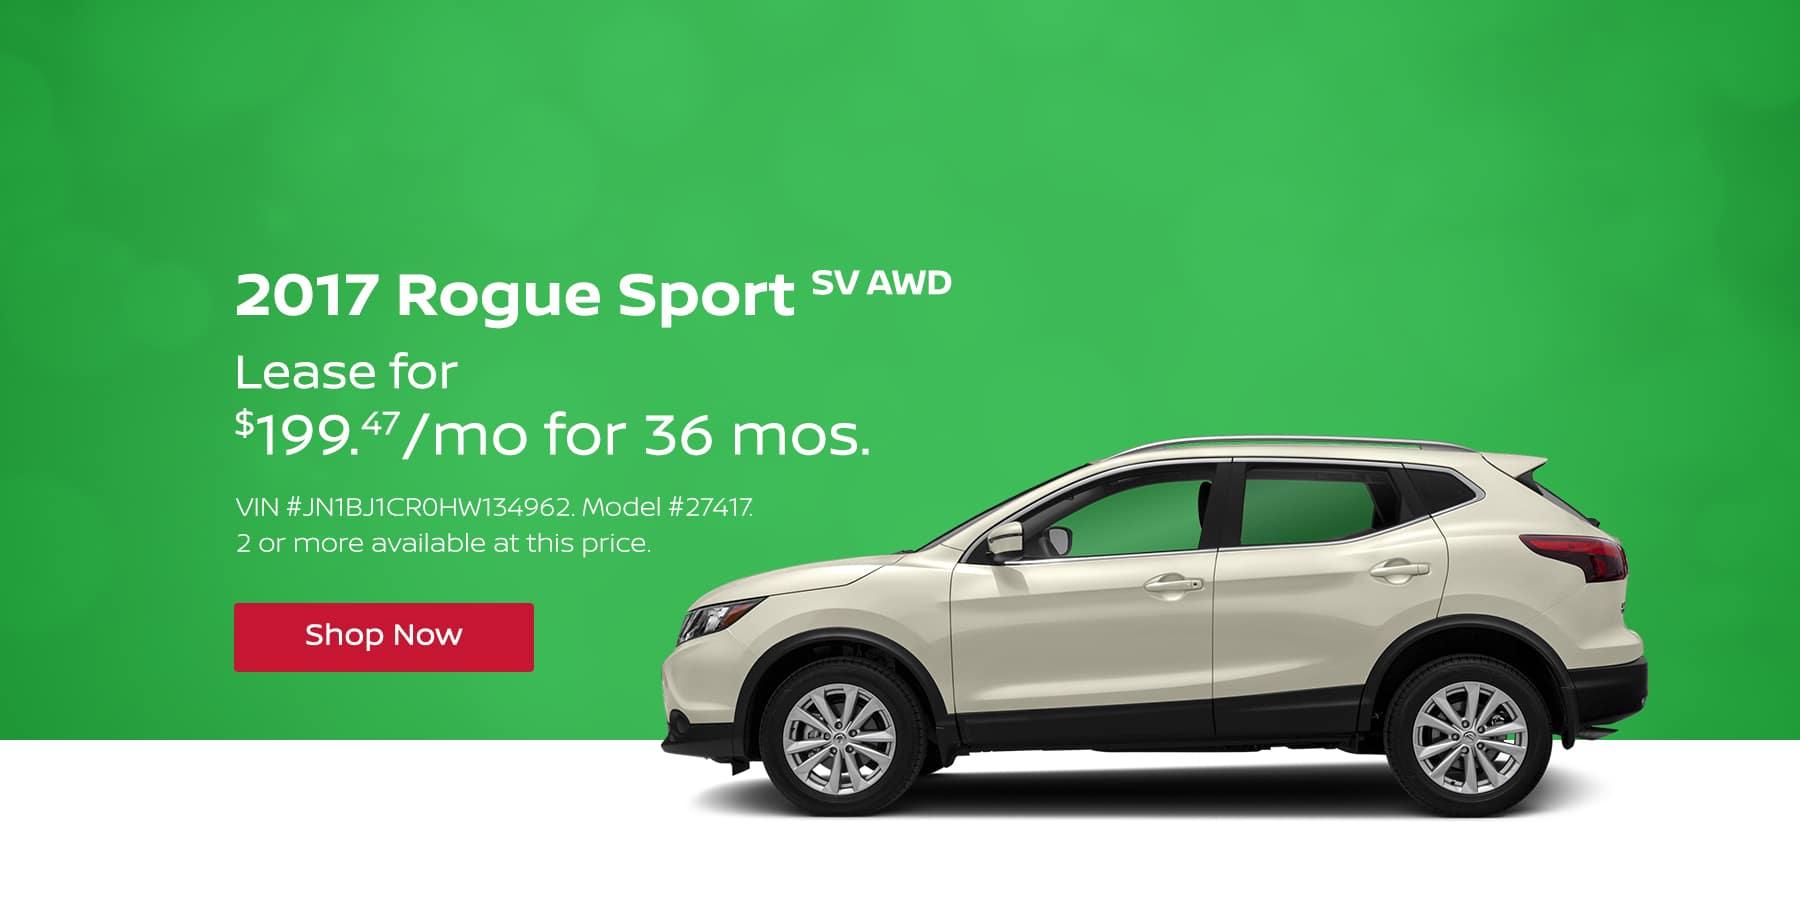 Rogue Sport April Offer